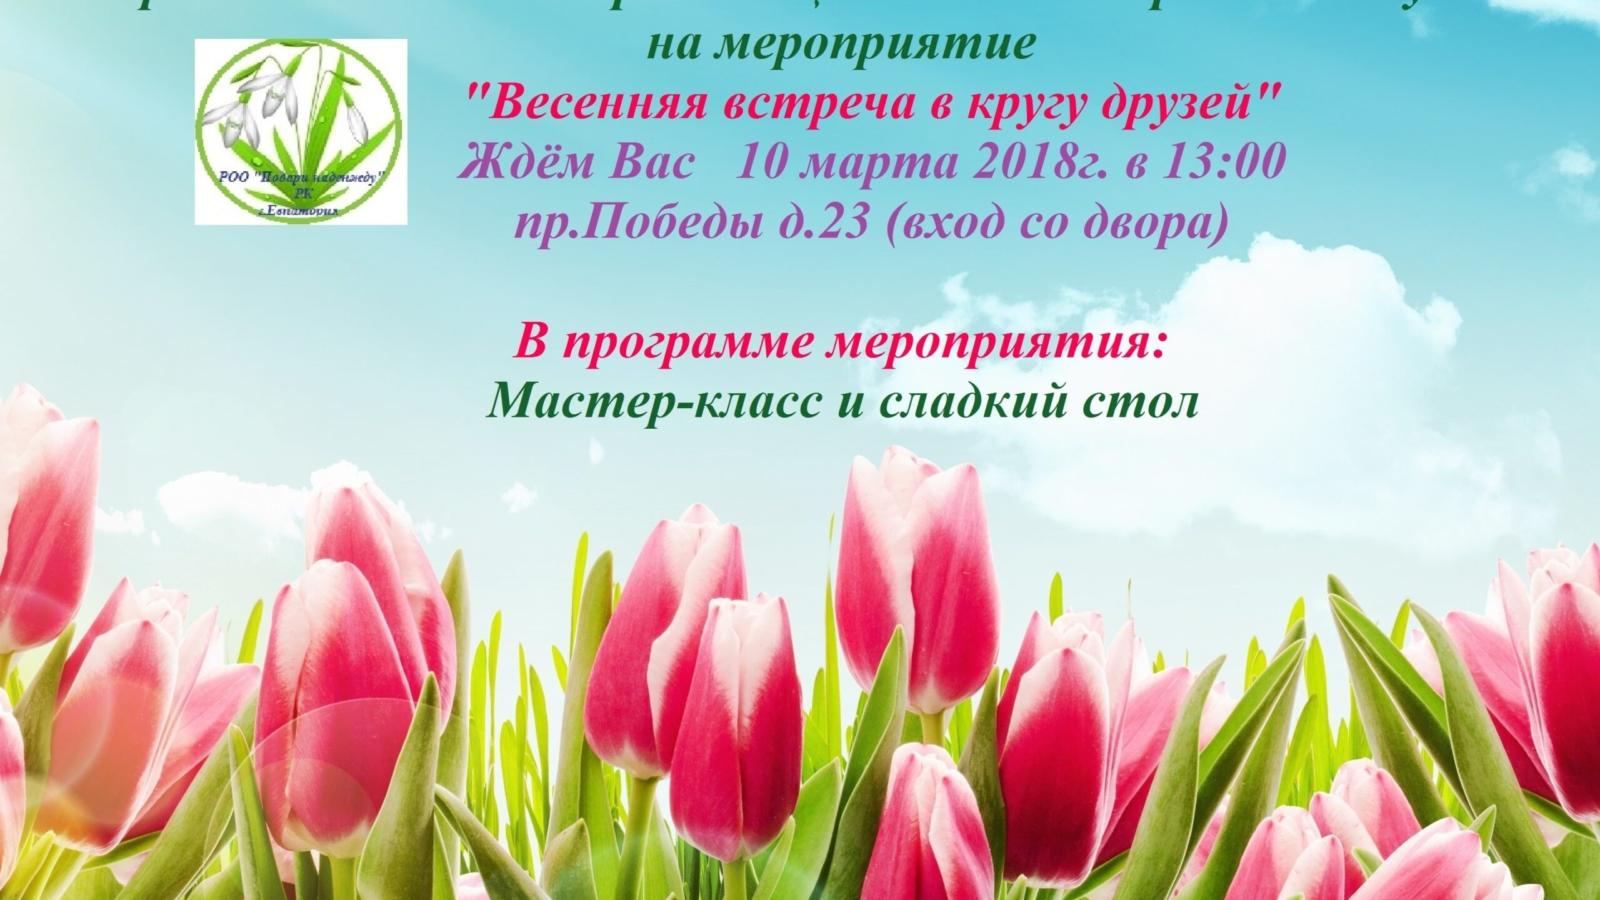 krasnye-tiulpany-tiulpany-tulips-red-spring-tsvety